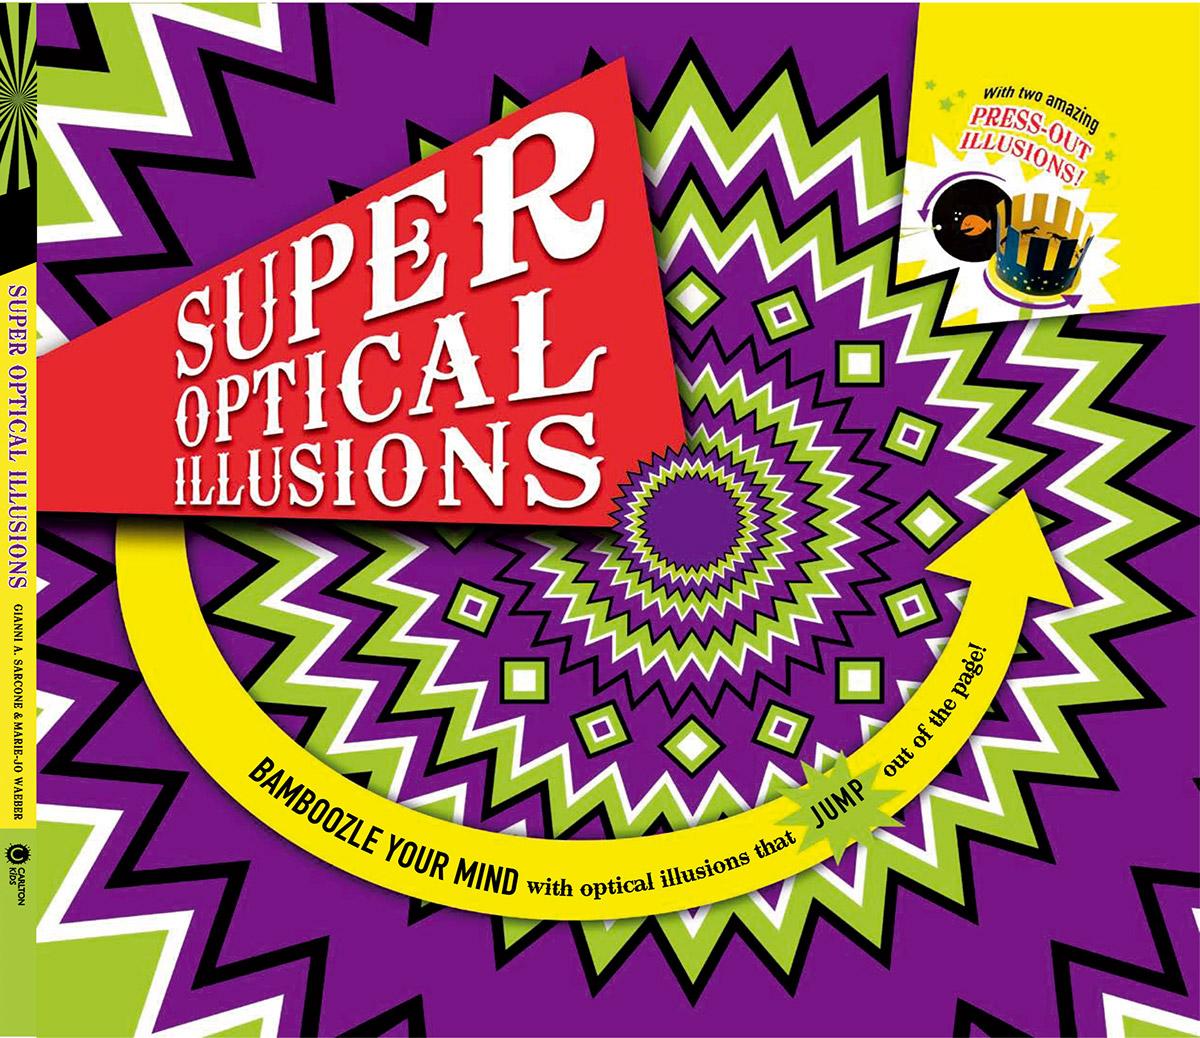 Super Optical Illusion